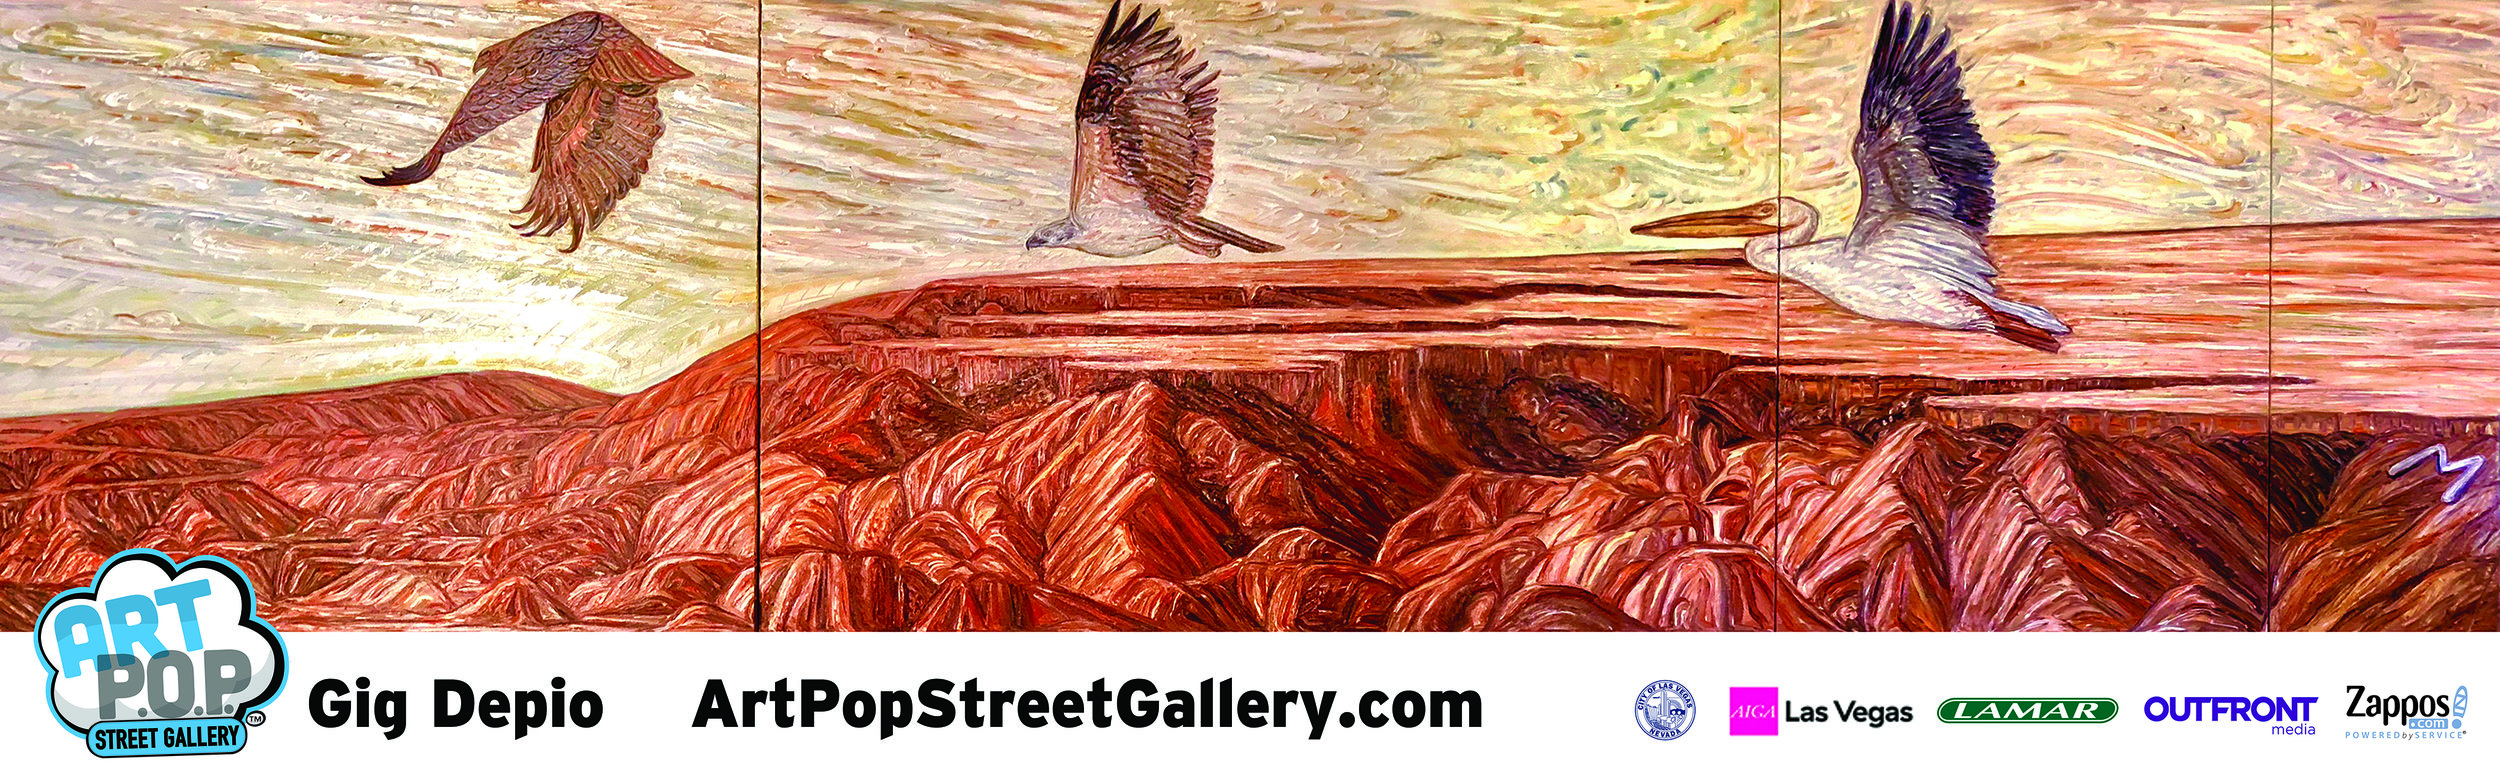 To contact artist email: depio168@gmail.com